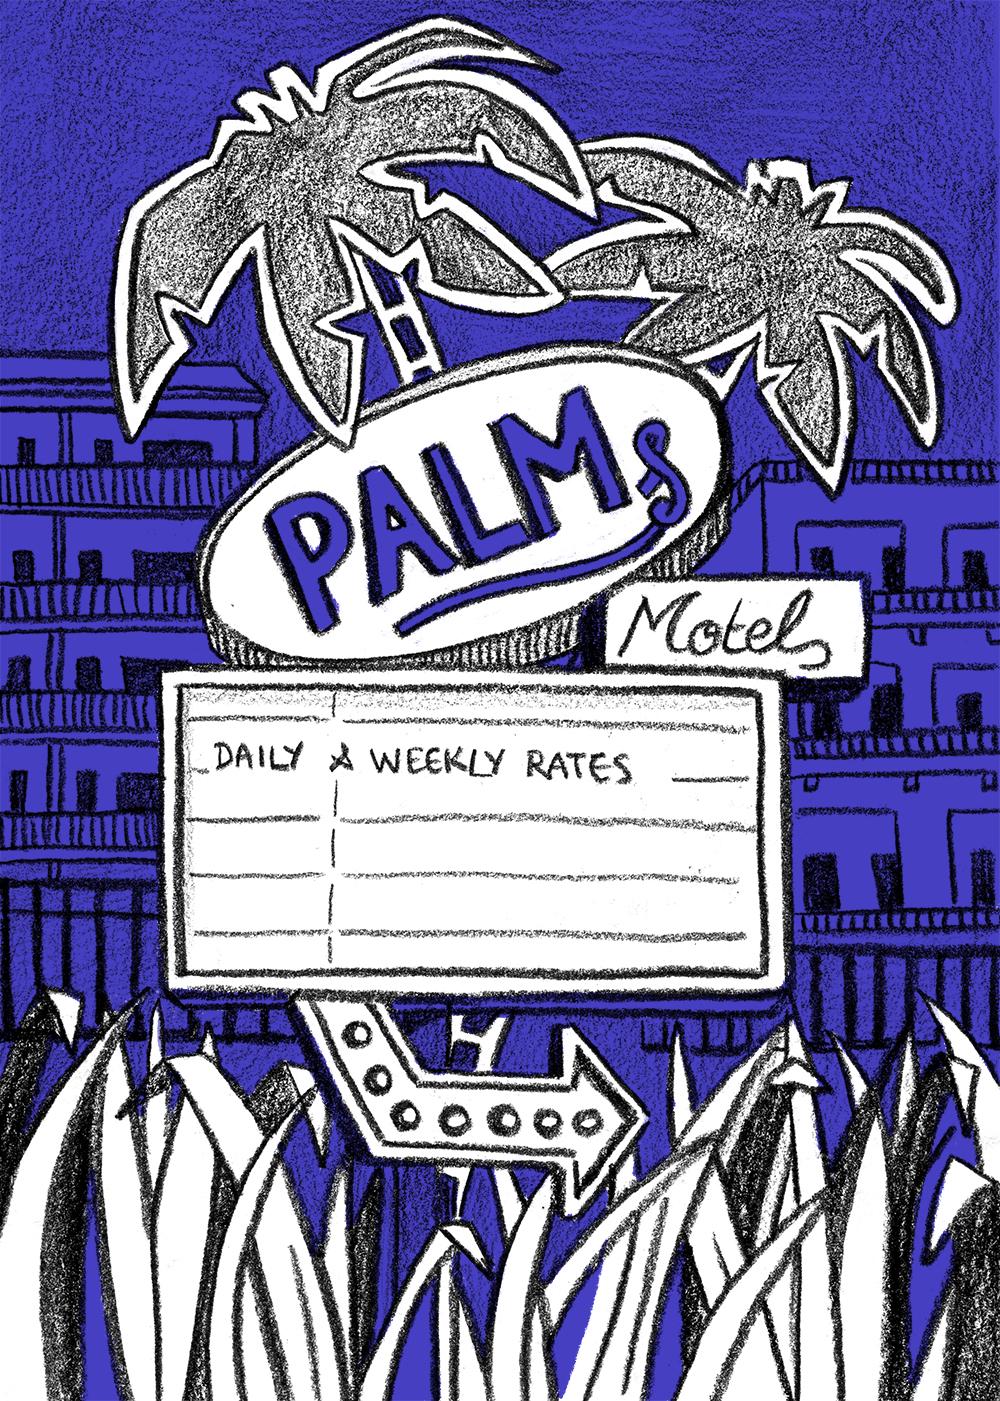 Alice Des – Palms Motel